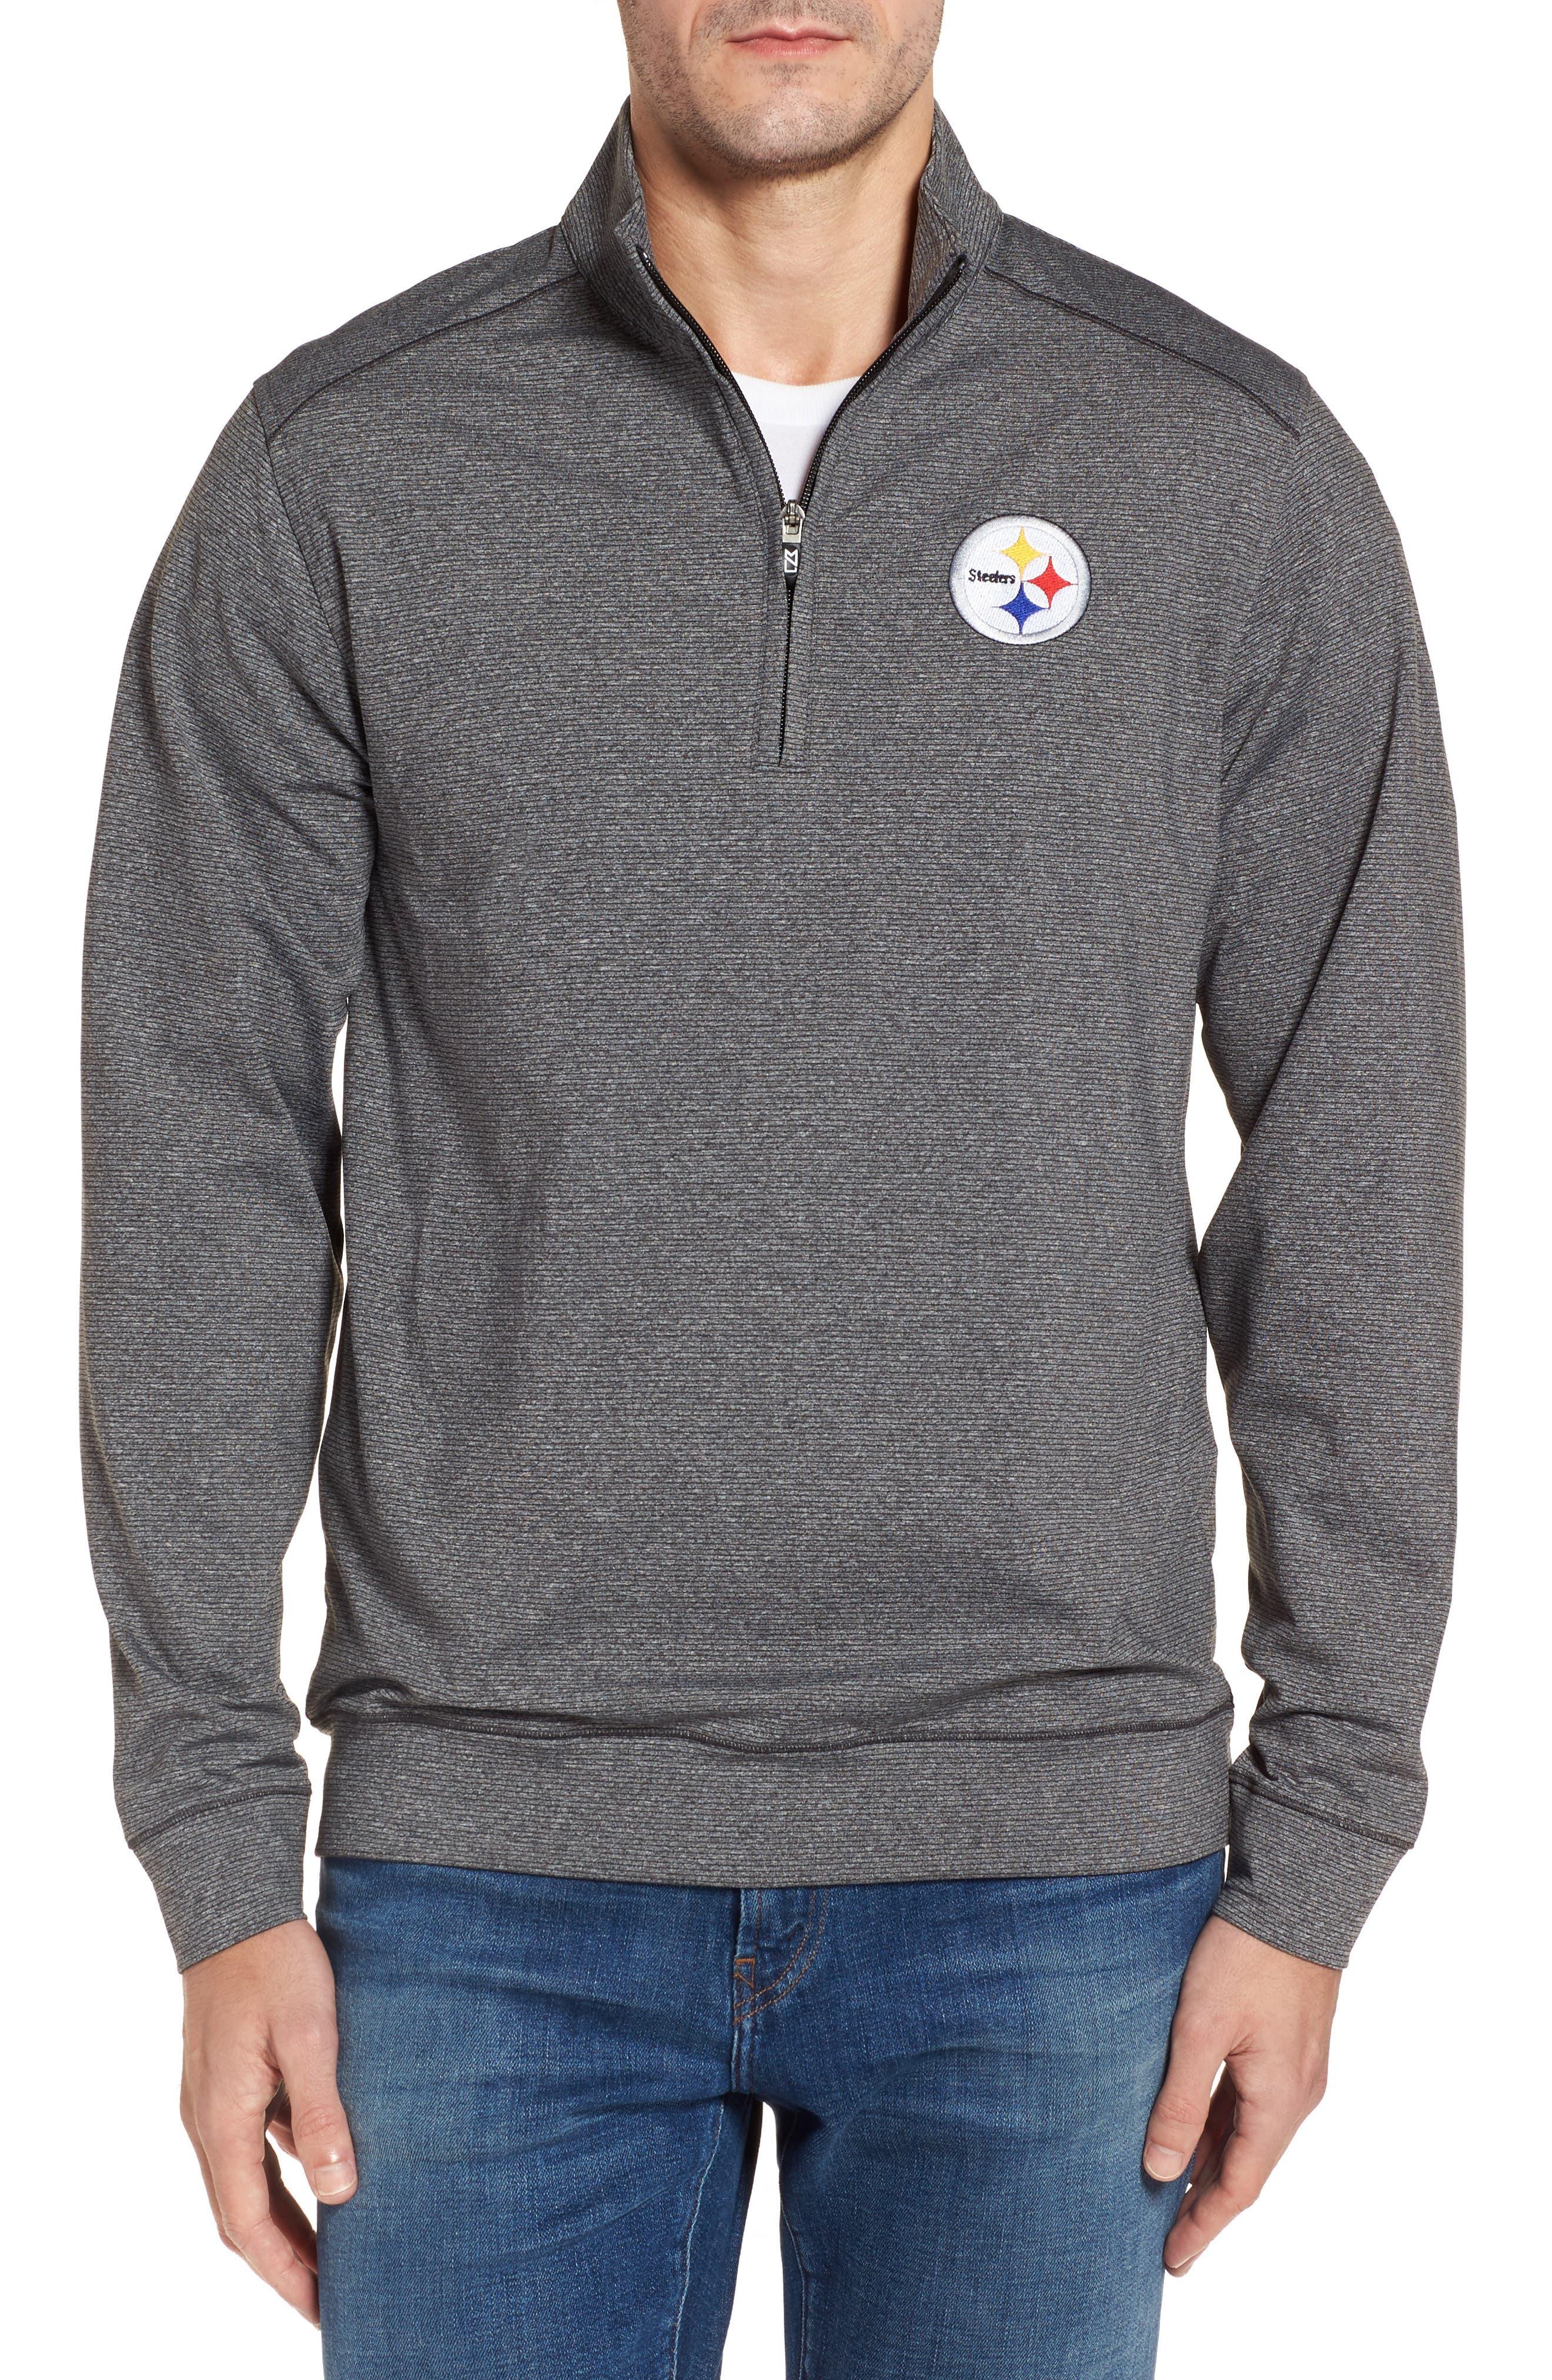 Cutter & Buck Shoreline - Pittsburgh Steelers Half Zip Pullover